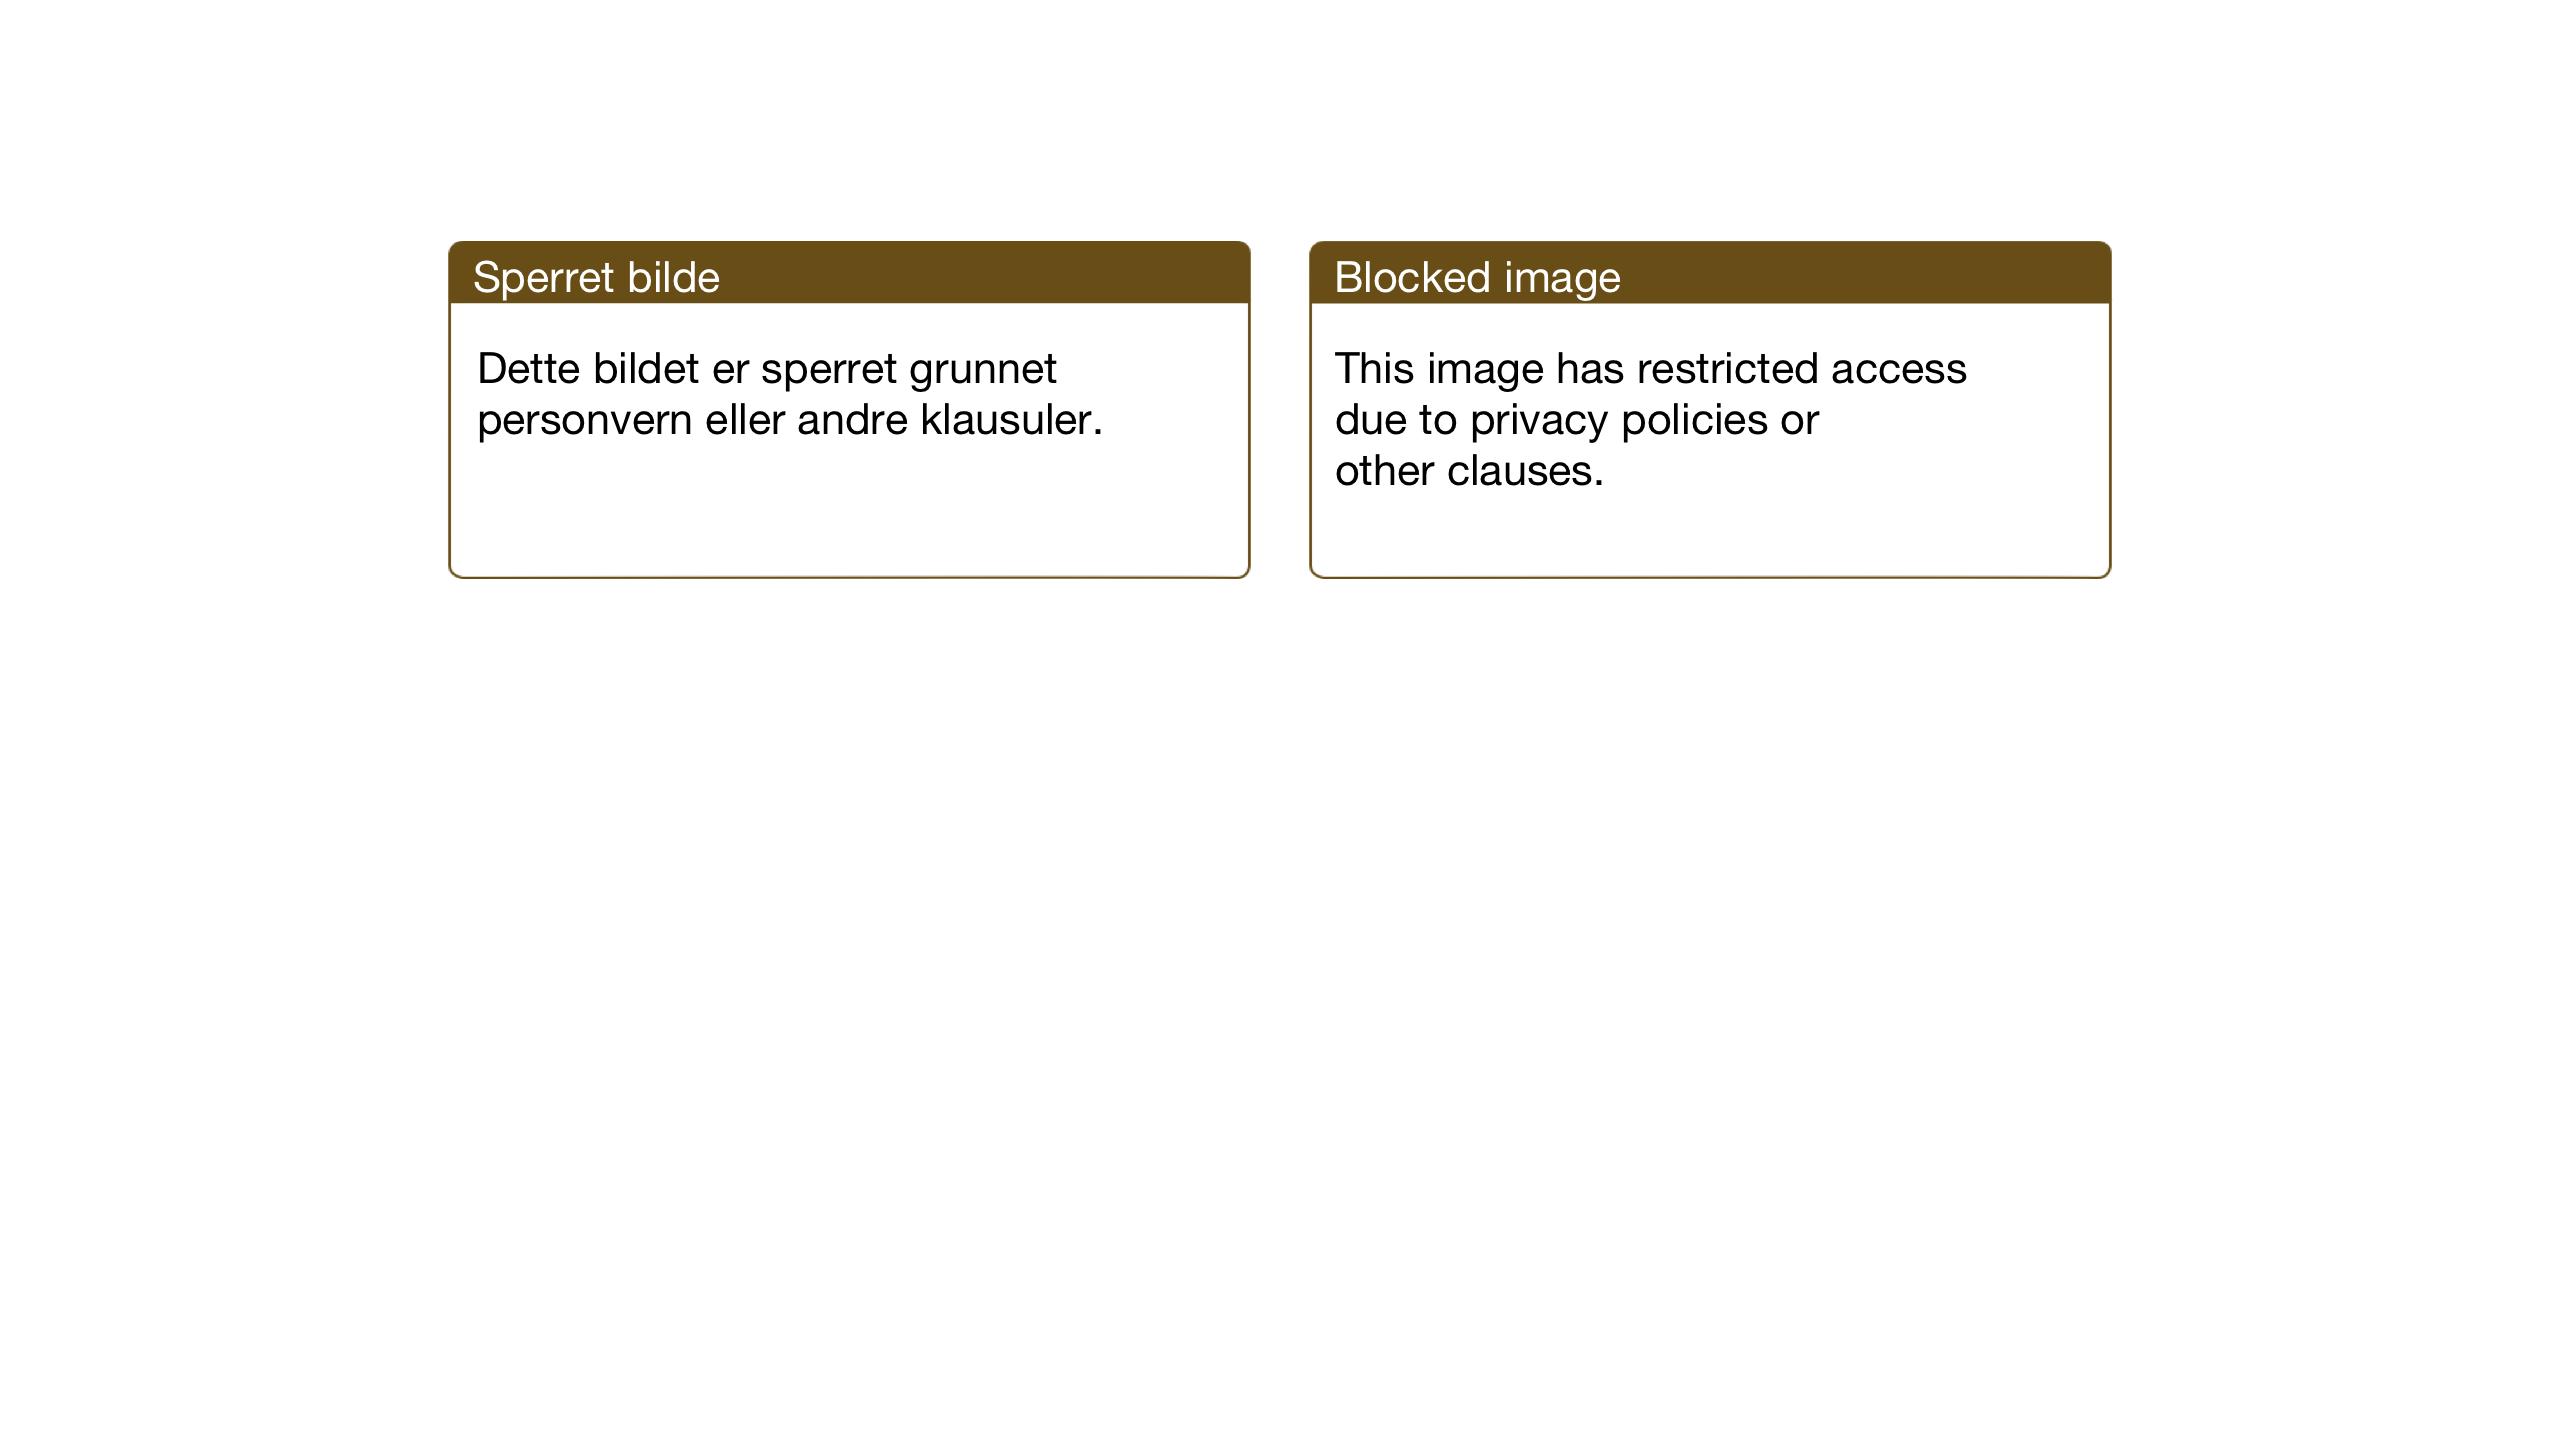 SAT, Ministerialprotokoller, klokkerbøker og fødselsregistre - Sør-Trøndelag, 602/L0148: Klokkerbok nr. 602C16, 1919-1939, s. 139